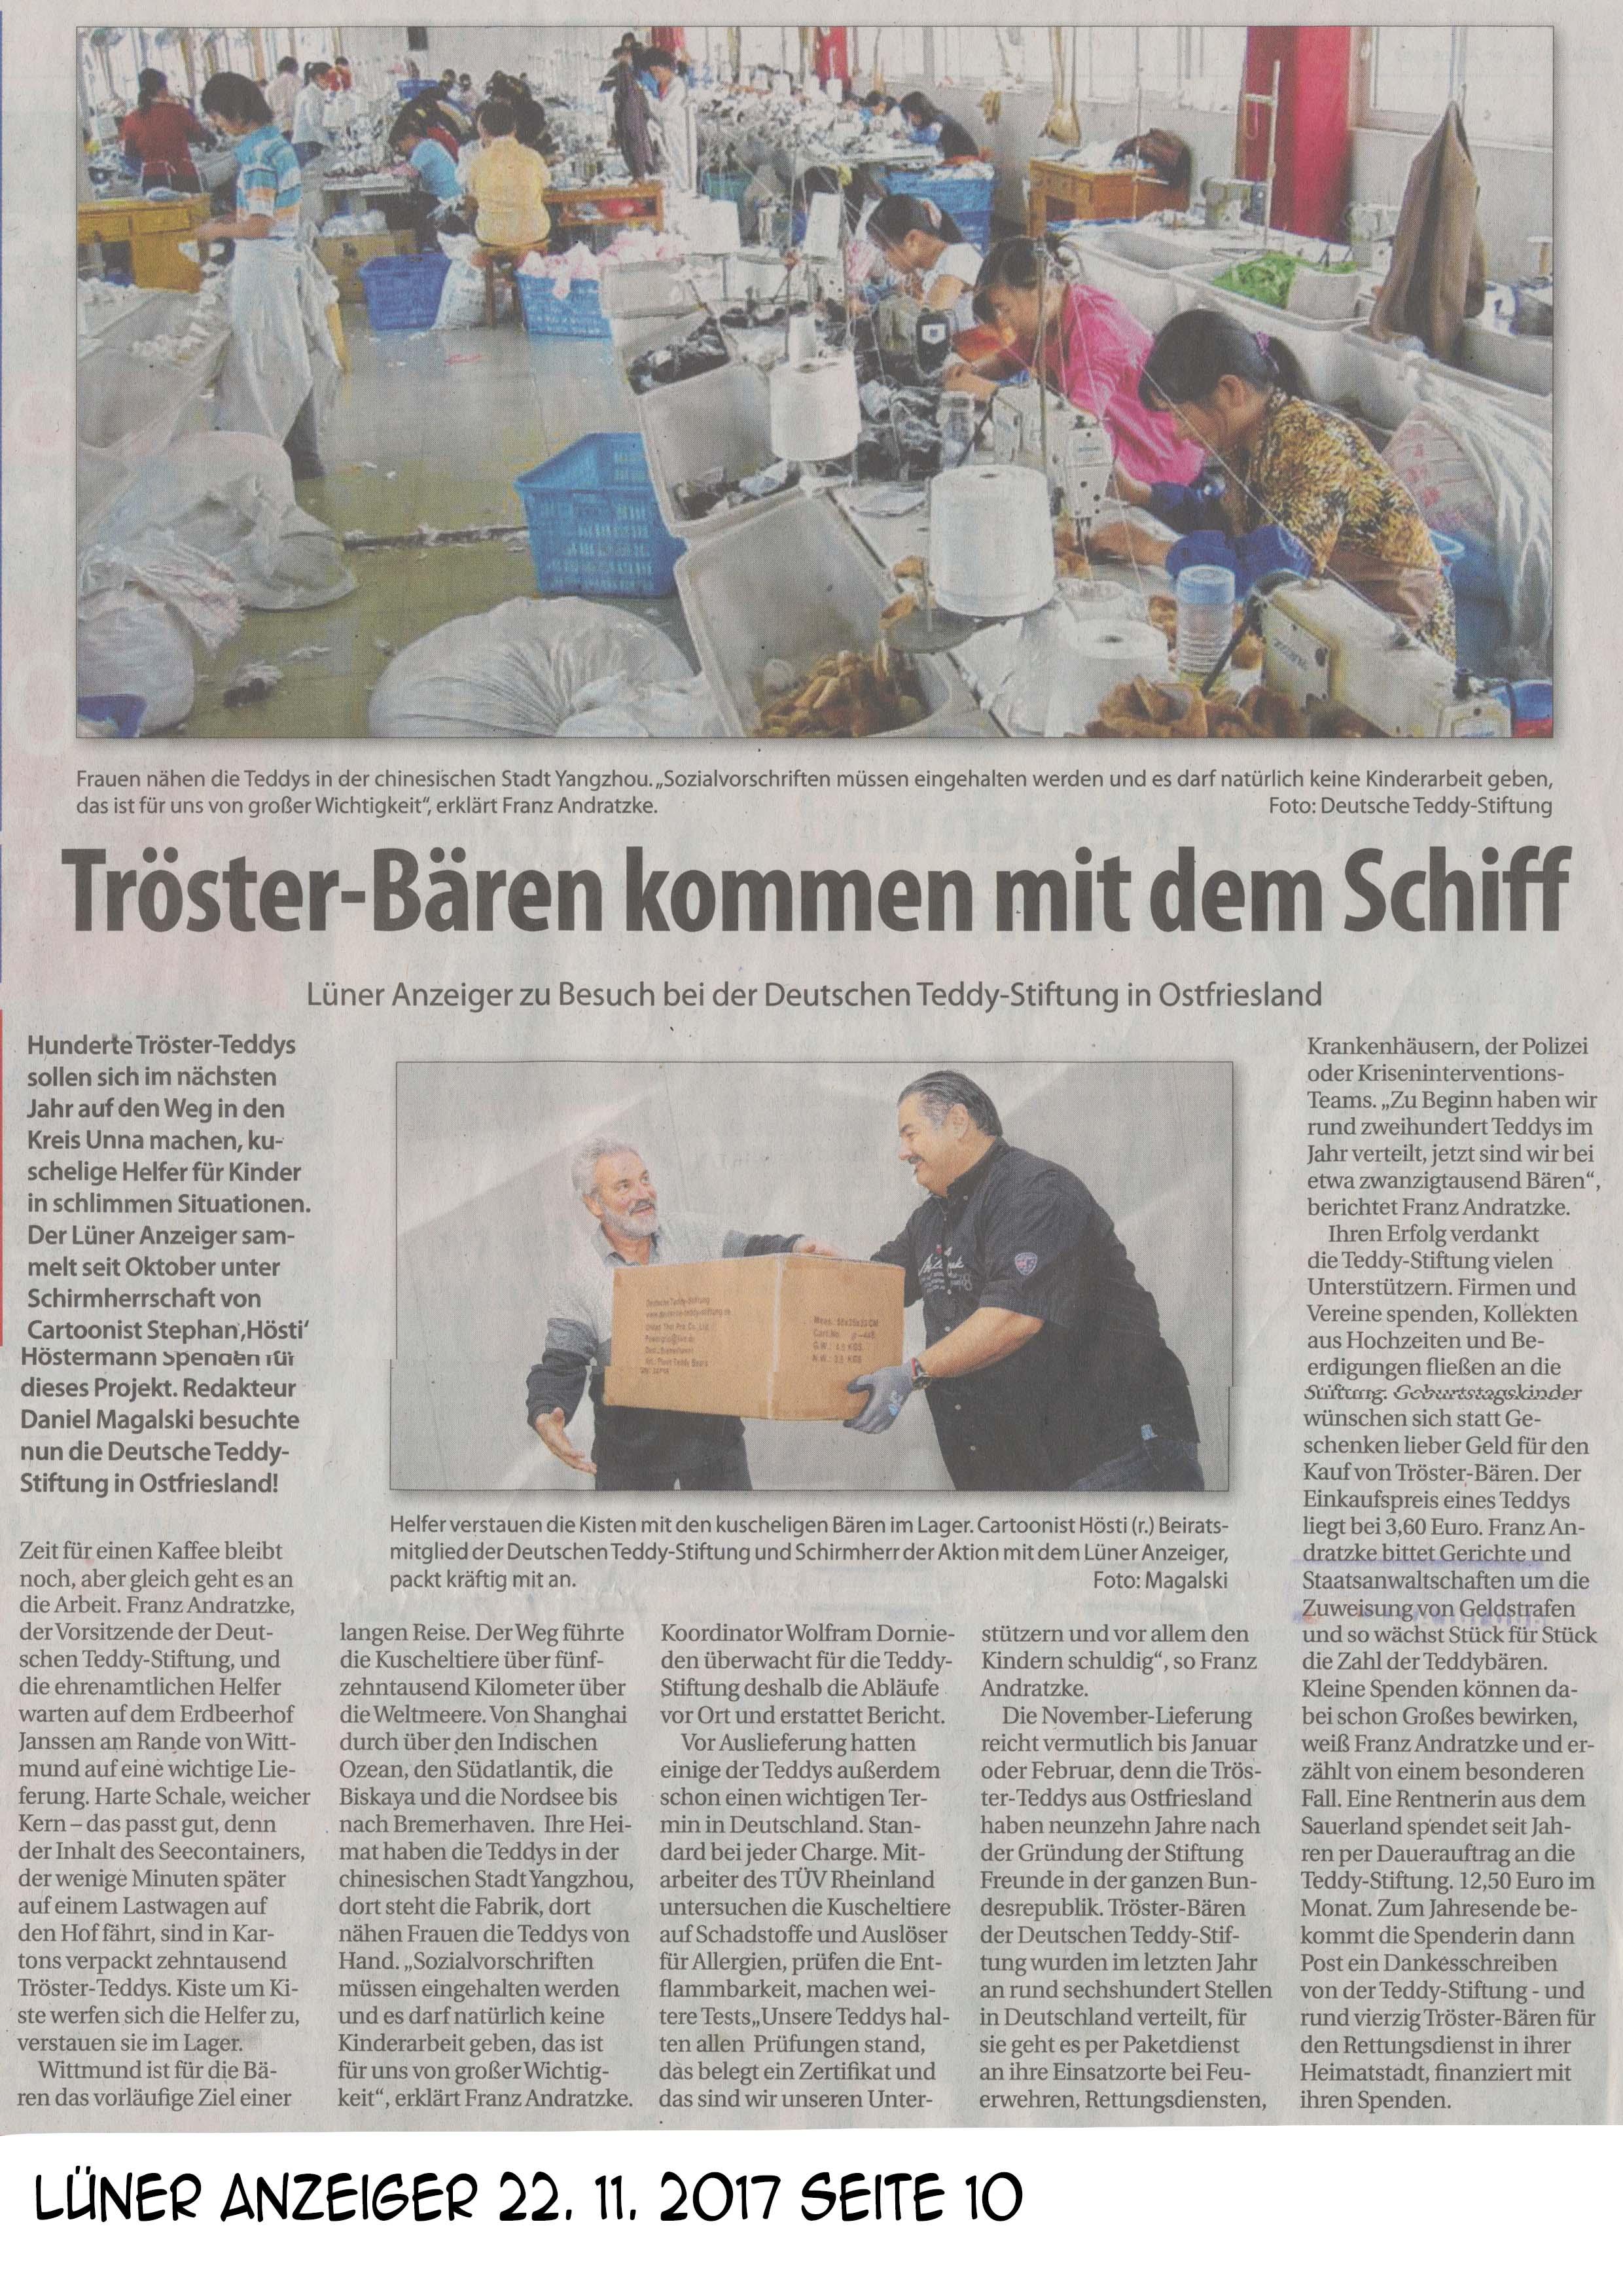 Lüner Anzeiger 22 11 2017 Seite 10